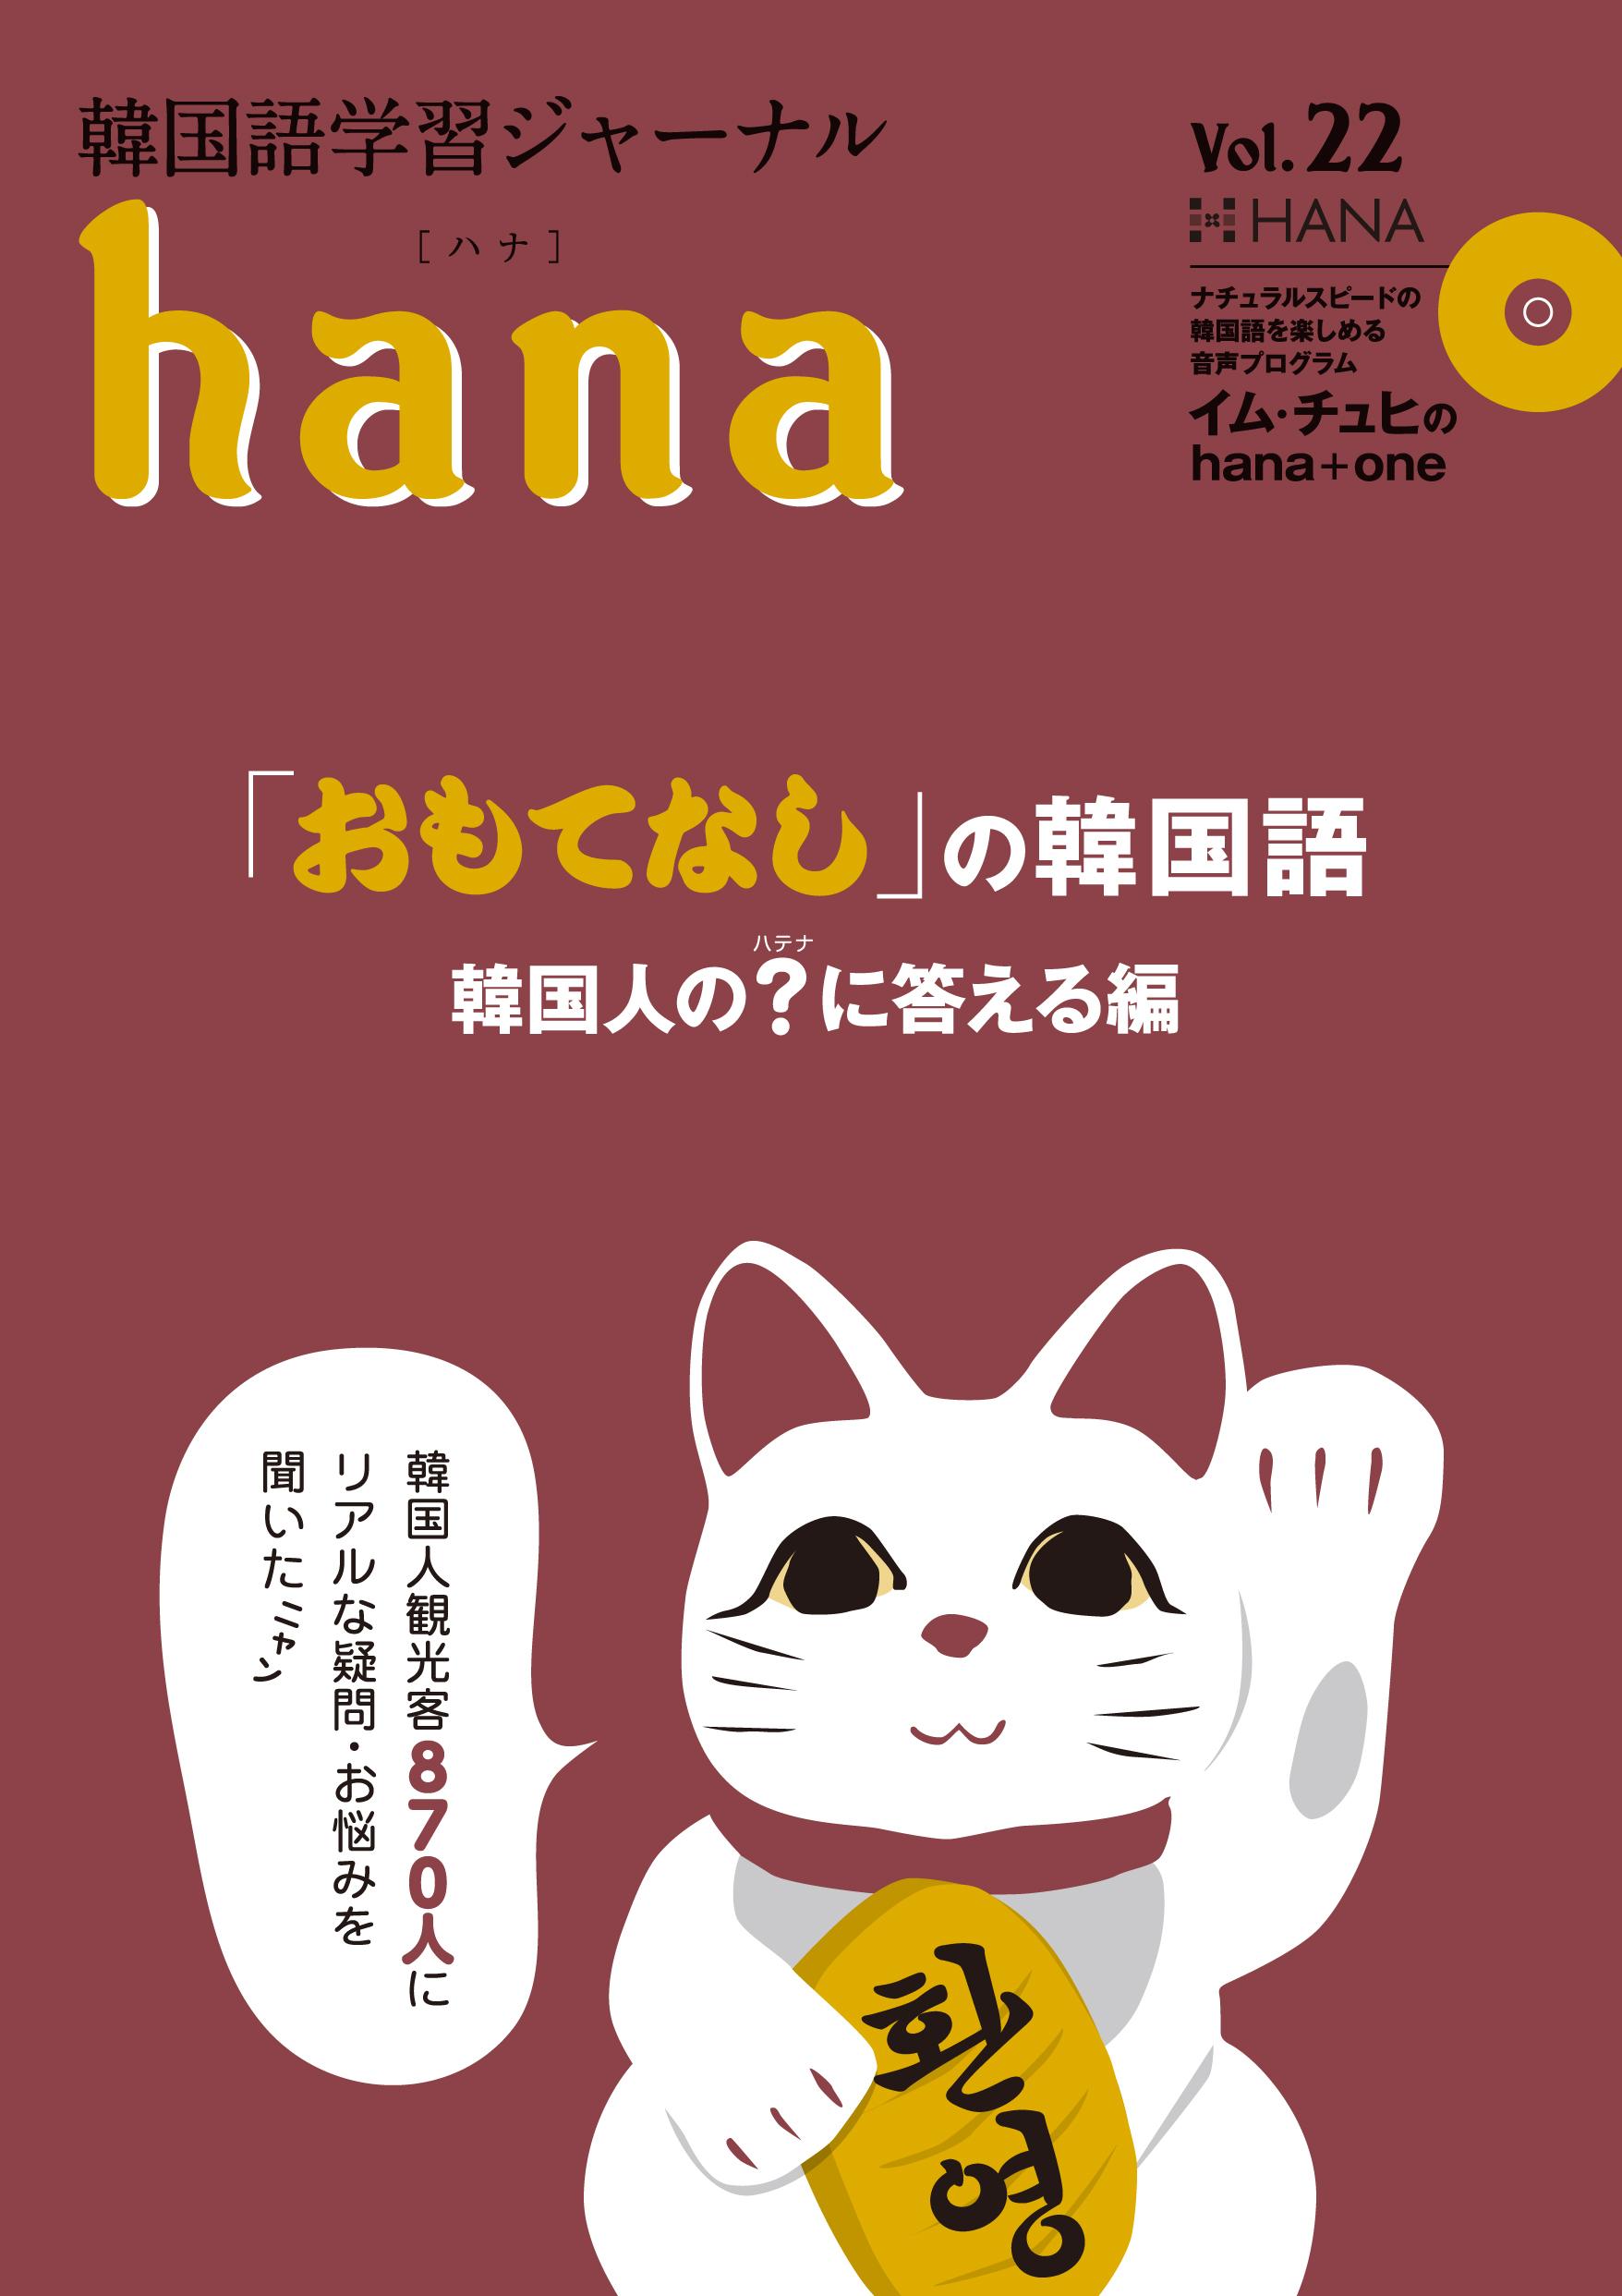 韓国語学習ジャーナルhana Vol. 22のイメージ